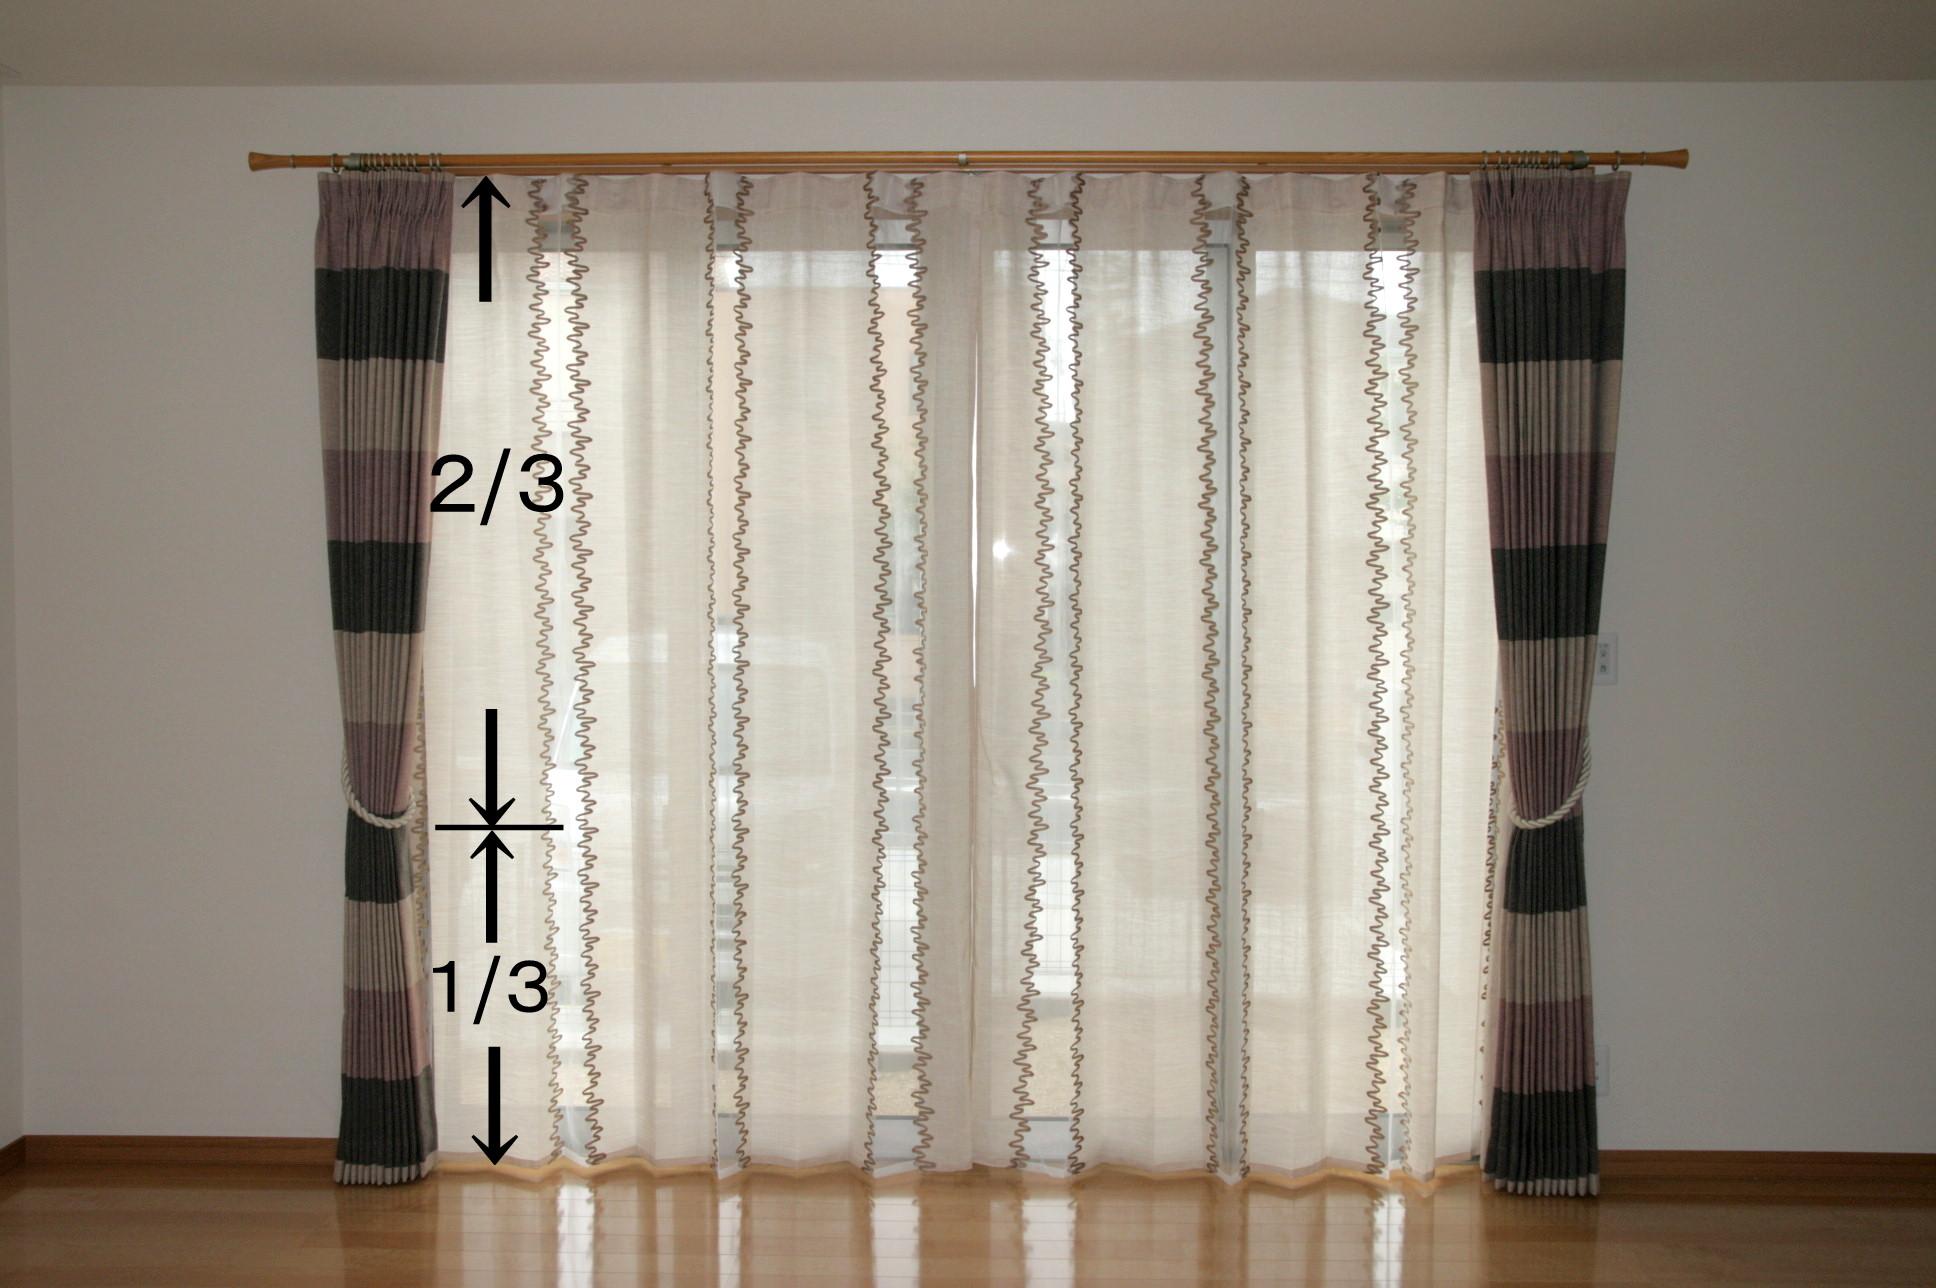 ふさかけ取り付け位置 ロープの下端がカーテン丈の下から3/1程度